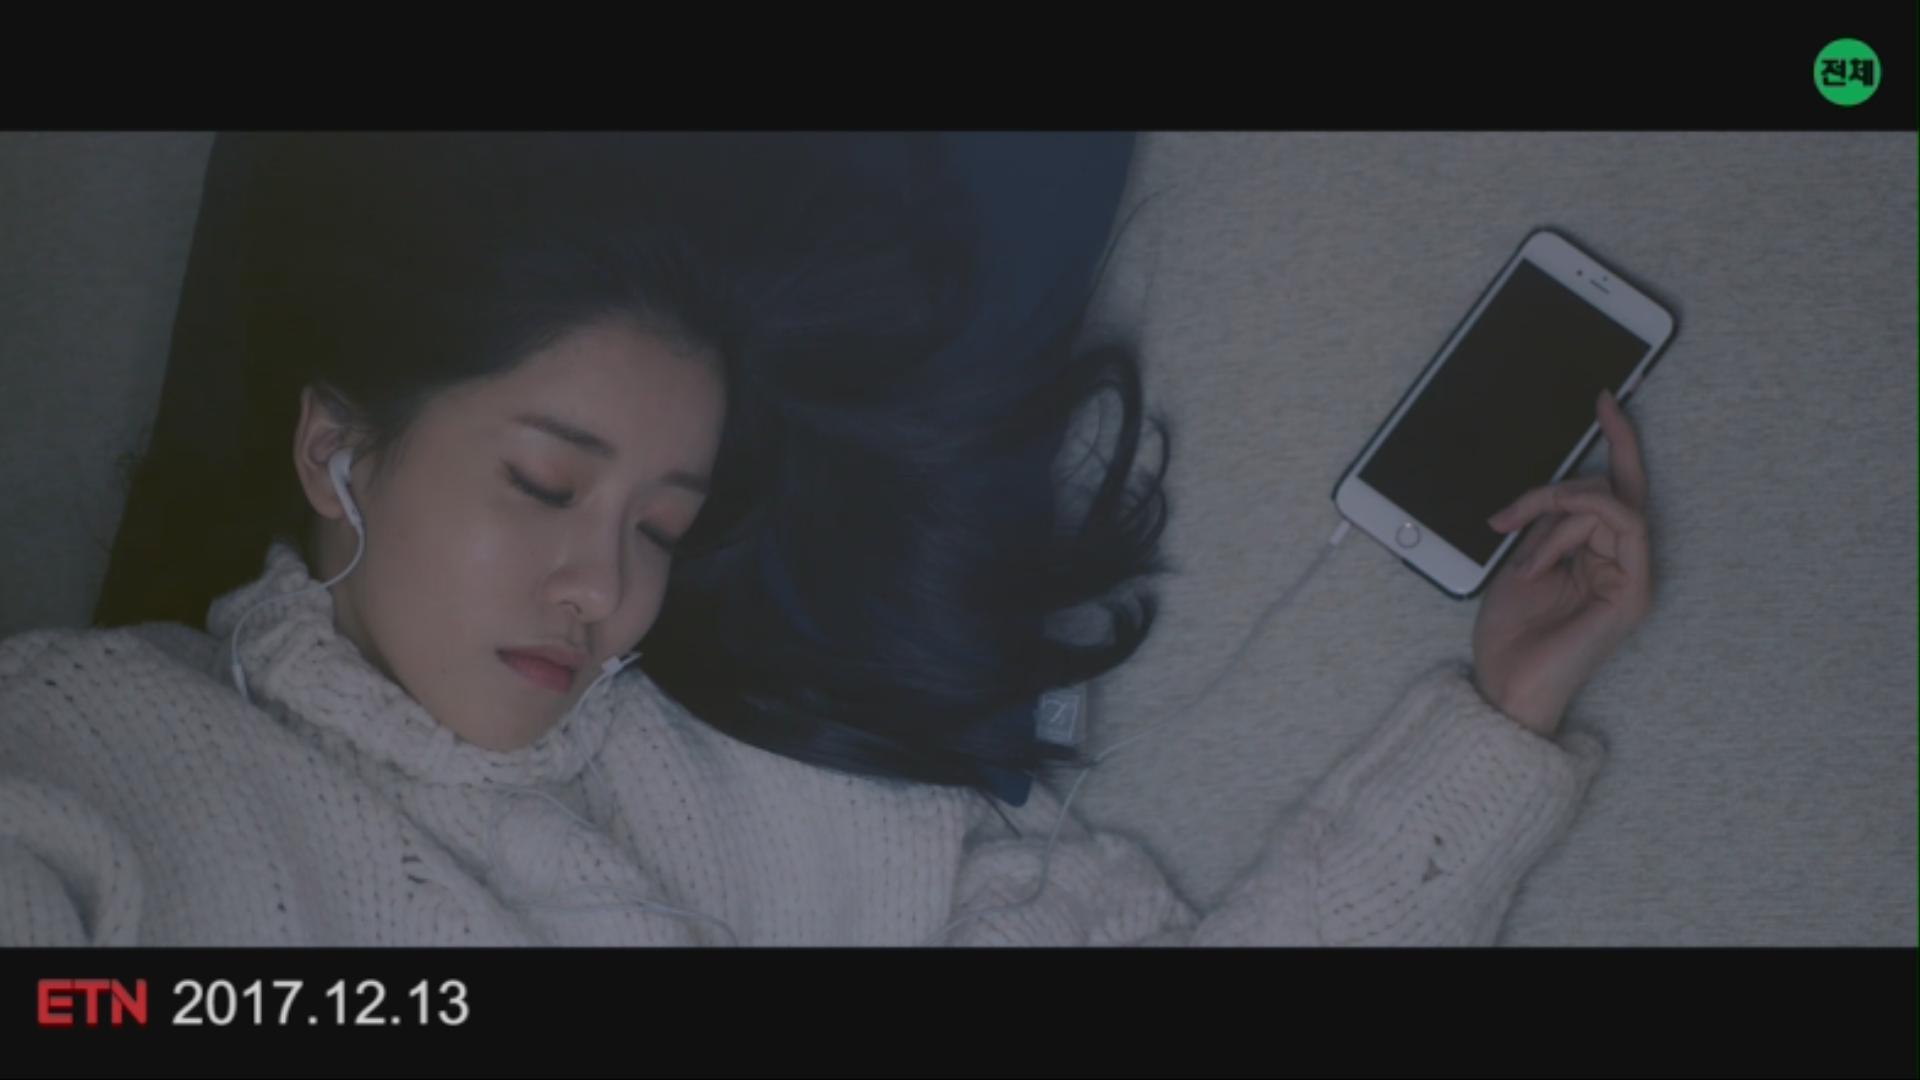 [M/V] 김준수(XIA) X 임창정(Lim Chang Jung) - 우리도 그들처럼 (We were..)